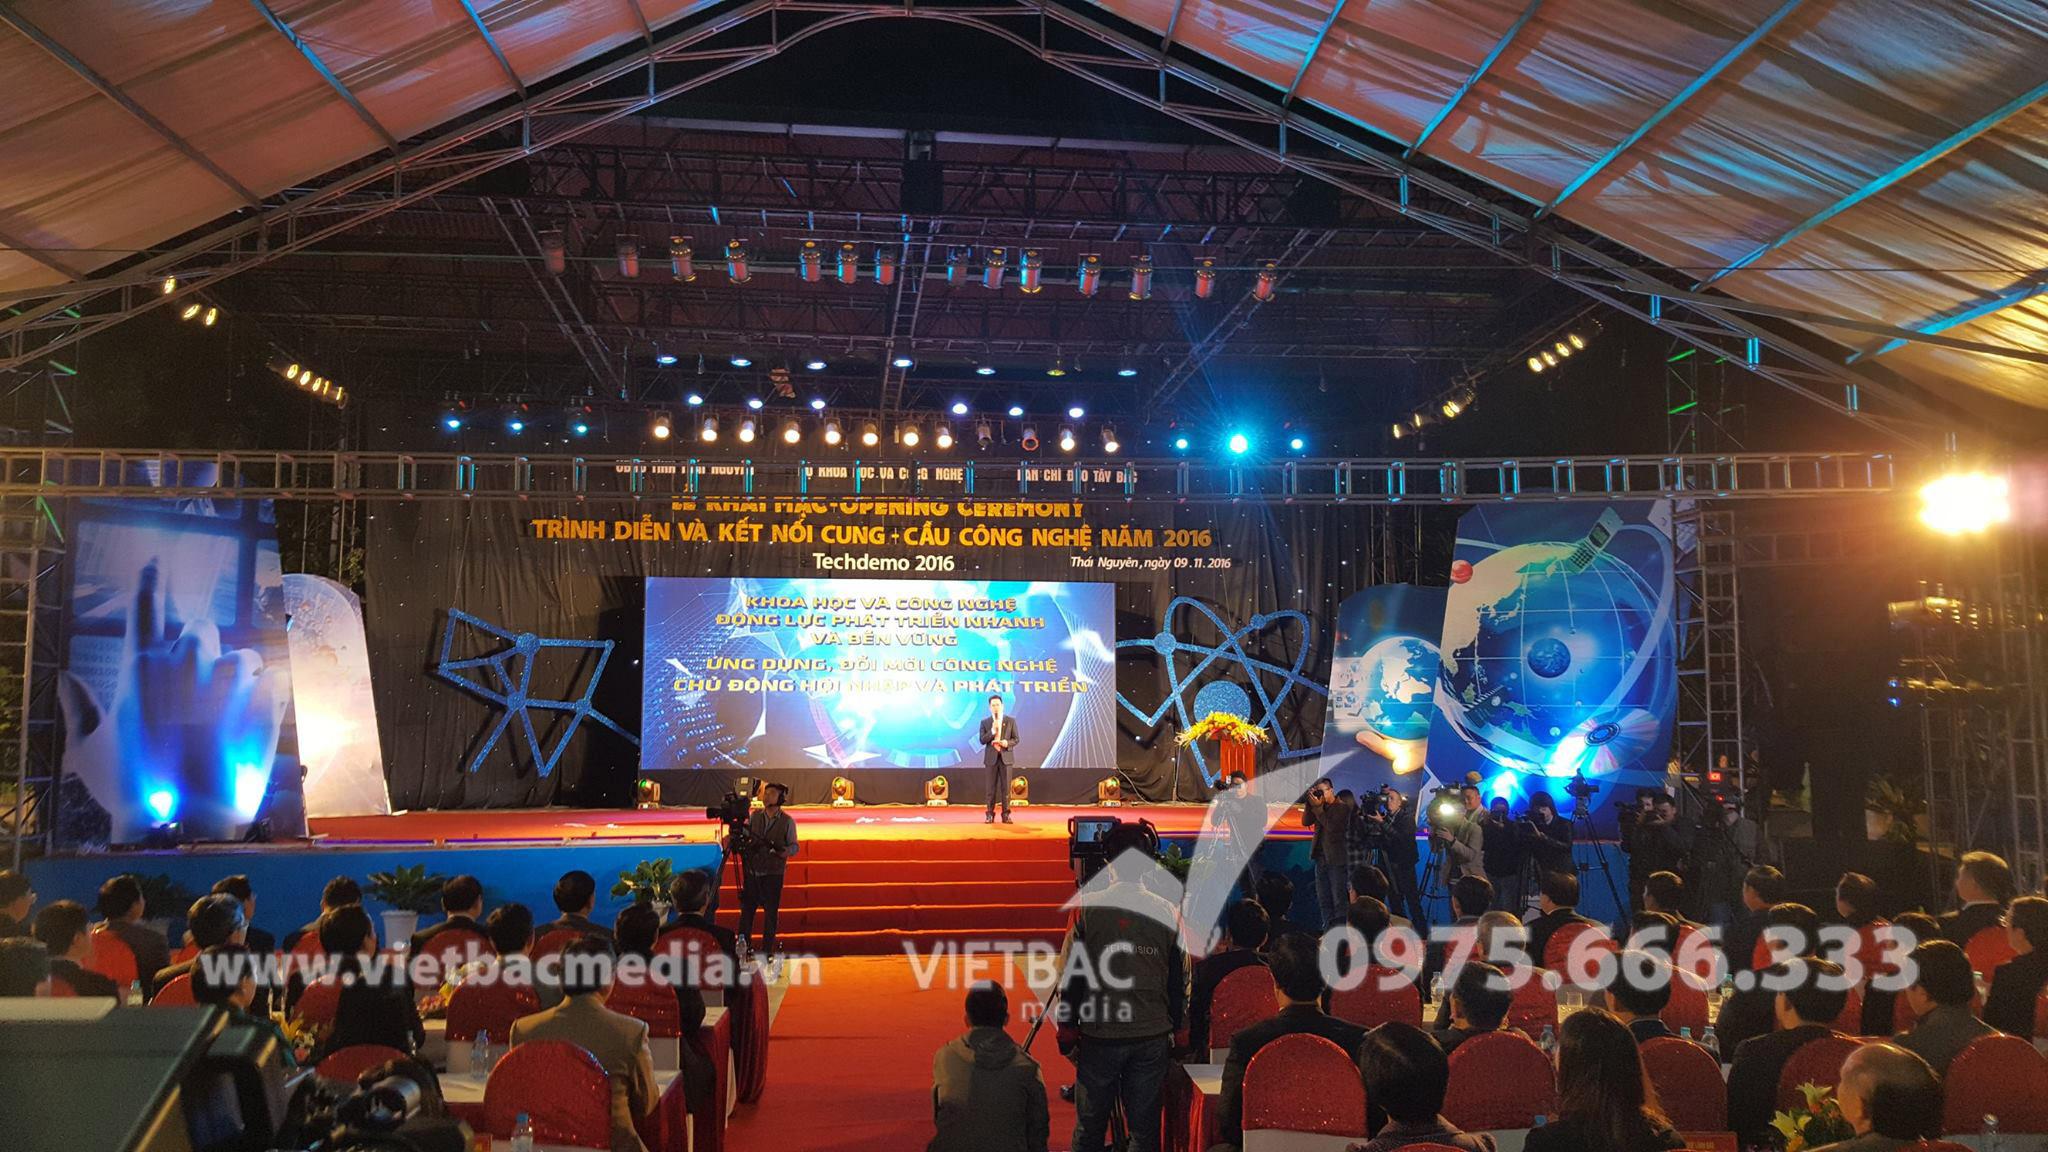 Sự Kiện Về Khoa Học & Công Nghệ Quy mô Quốc Tế do Bộ Khoa Học Công Nghệ tổ chức tại Thái Nguyên